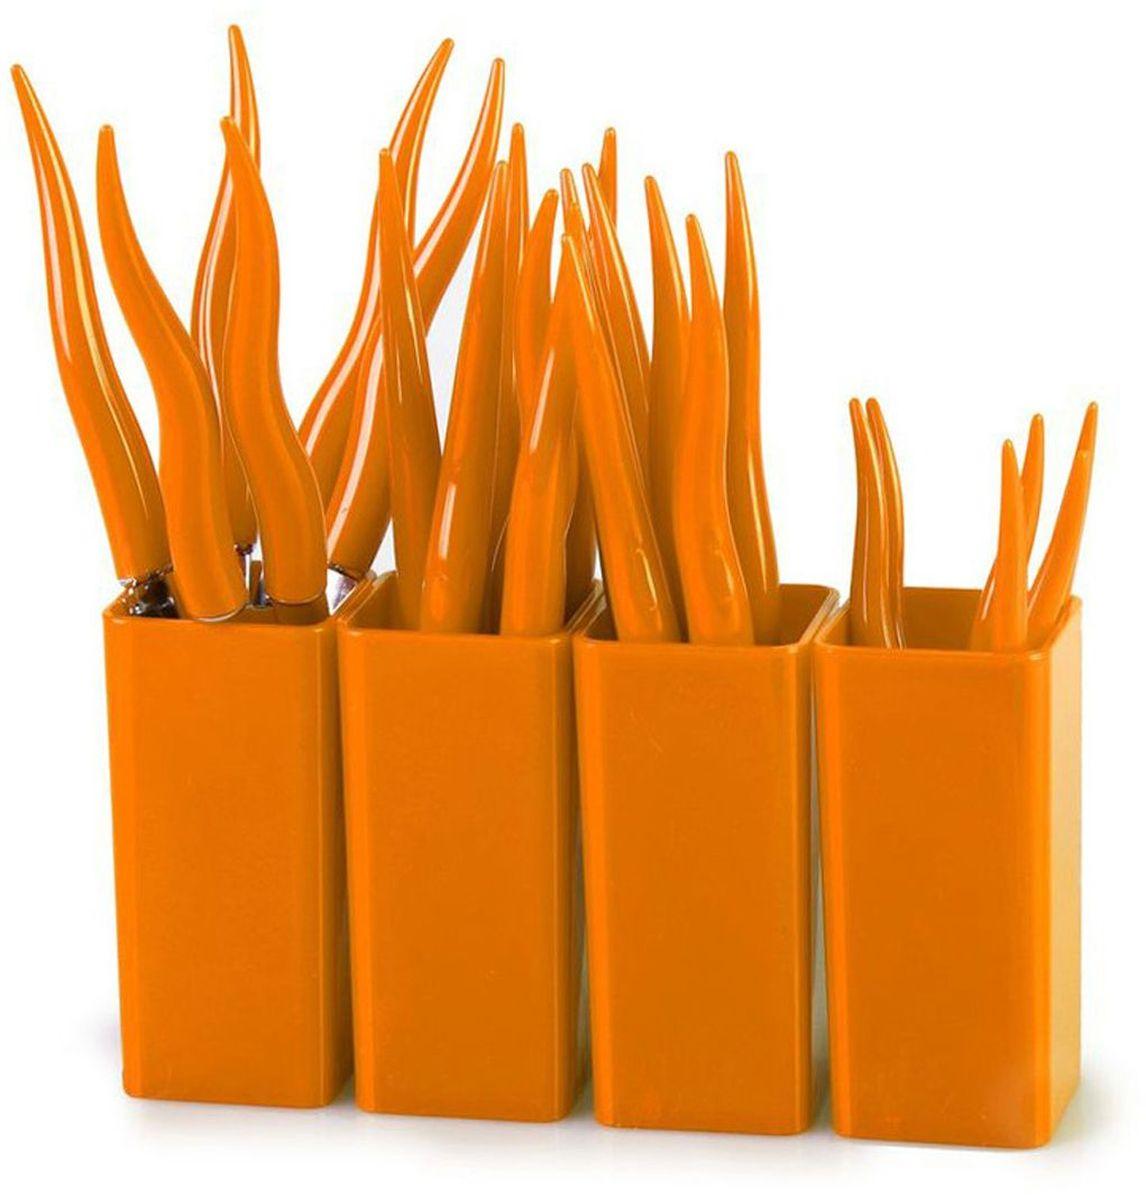 Набор столовых приборов MoulinVilla Chili, цвет: оранжевый, 24 предмета115610Набор MOULINvilla Chili состоит из 6 вилок, 6 ножей, 6 столовых ложек, 6 чайных ложек, 4 подставок, выполненных из нержавеющей стали. Рукоятки столовых приборов изготовлены из высокопрочного пластика. Сервировка праздничного стола таким набором станет великолепным украшением любого торжества.